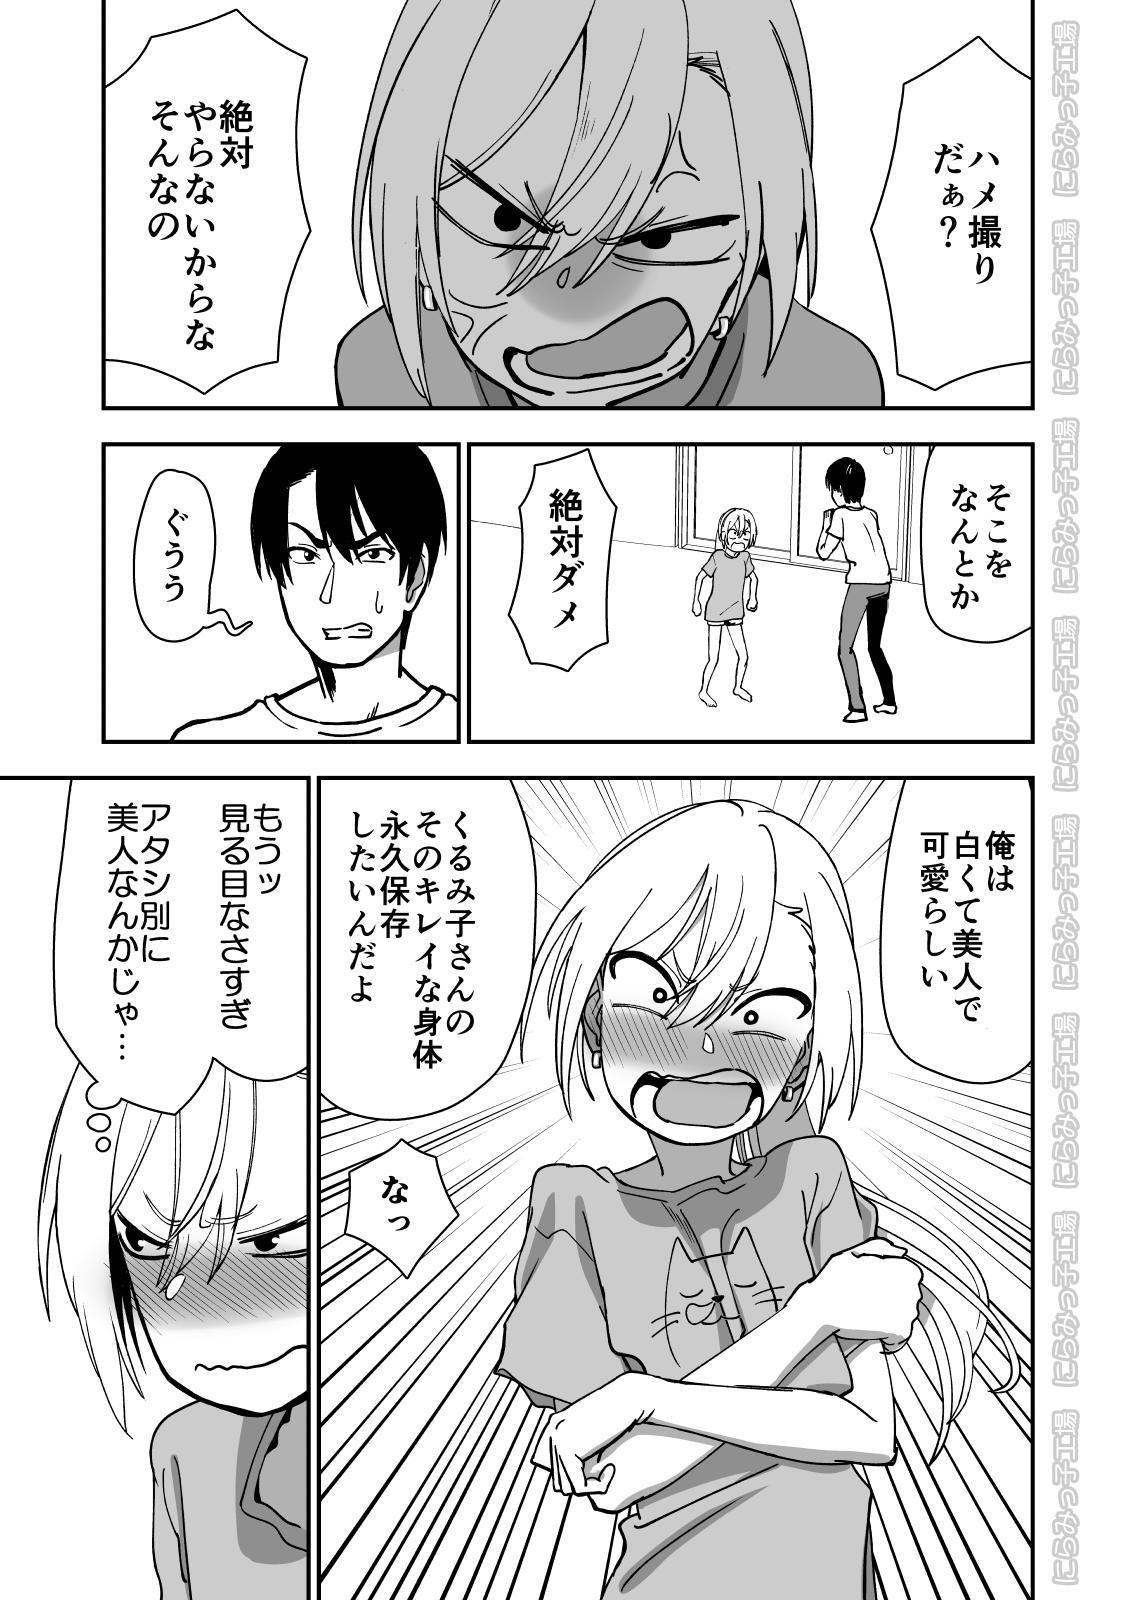 Kinpatsu Yancha-kei na Kanojo to no Kurashikata 3 2